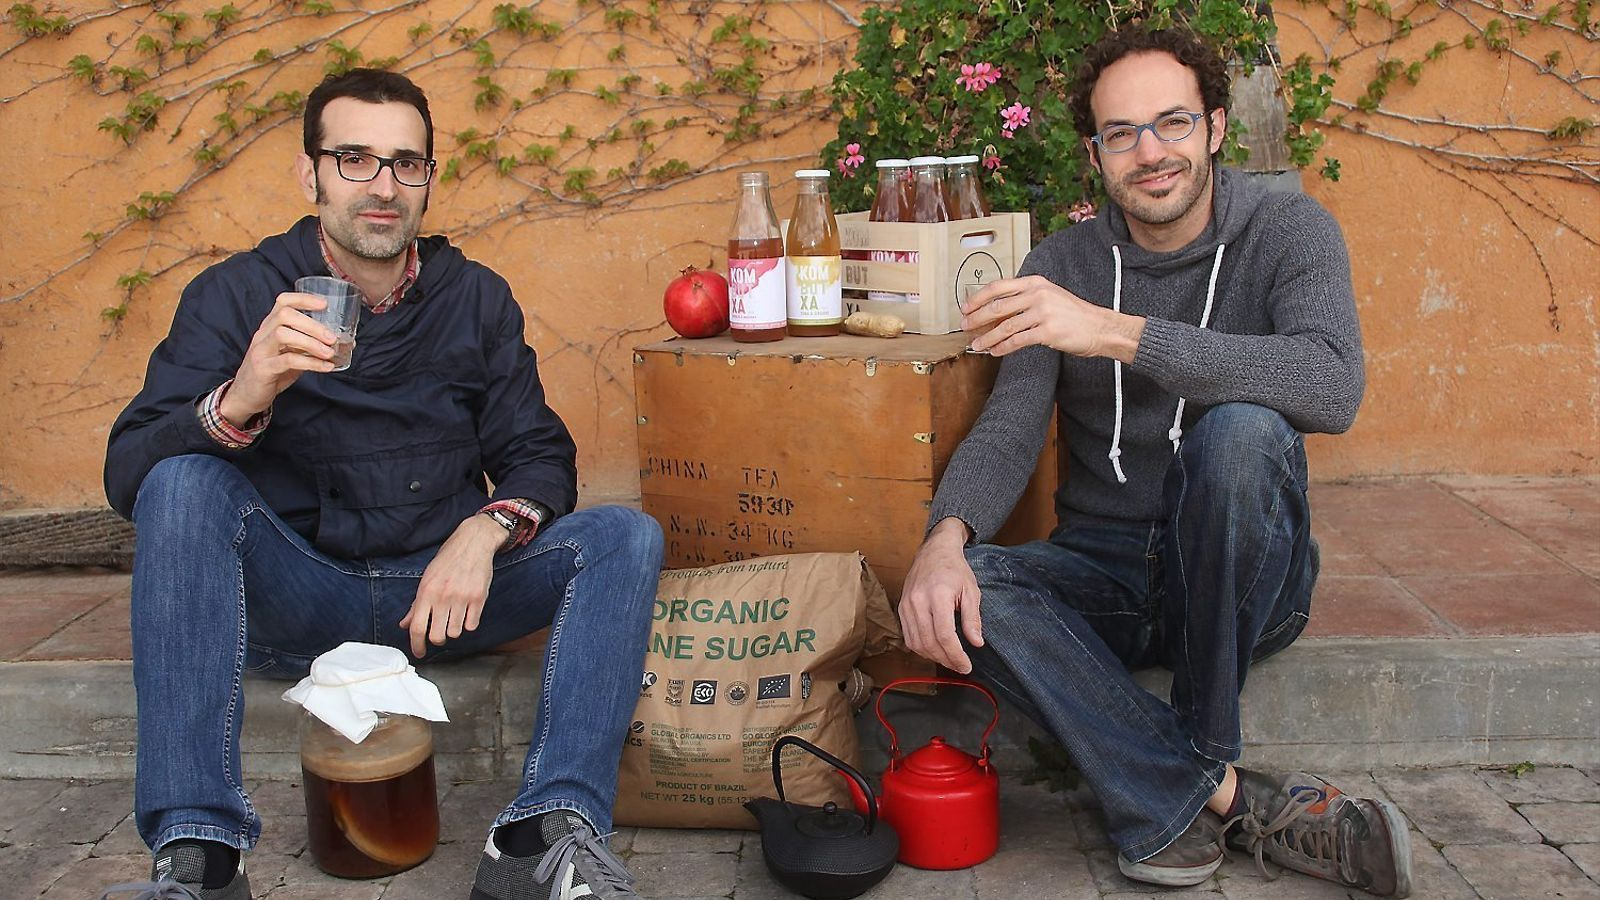 """L'enginyer Jordi Dalmau, amb la col·laboració de l'enòleg Toni Sànchez i l'assessorament científic del psiconeuroimmunòleg Xevi Verdaguer,  ha creat el primer te fermentat ecològic català,  amb gust de gingebre i de magrana   Jordi Dalmau """"He inventat  el te kombutxa per millorar de la síndrome  de Gilbert, que pateixo des dels 15 anys"""""""